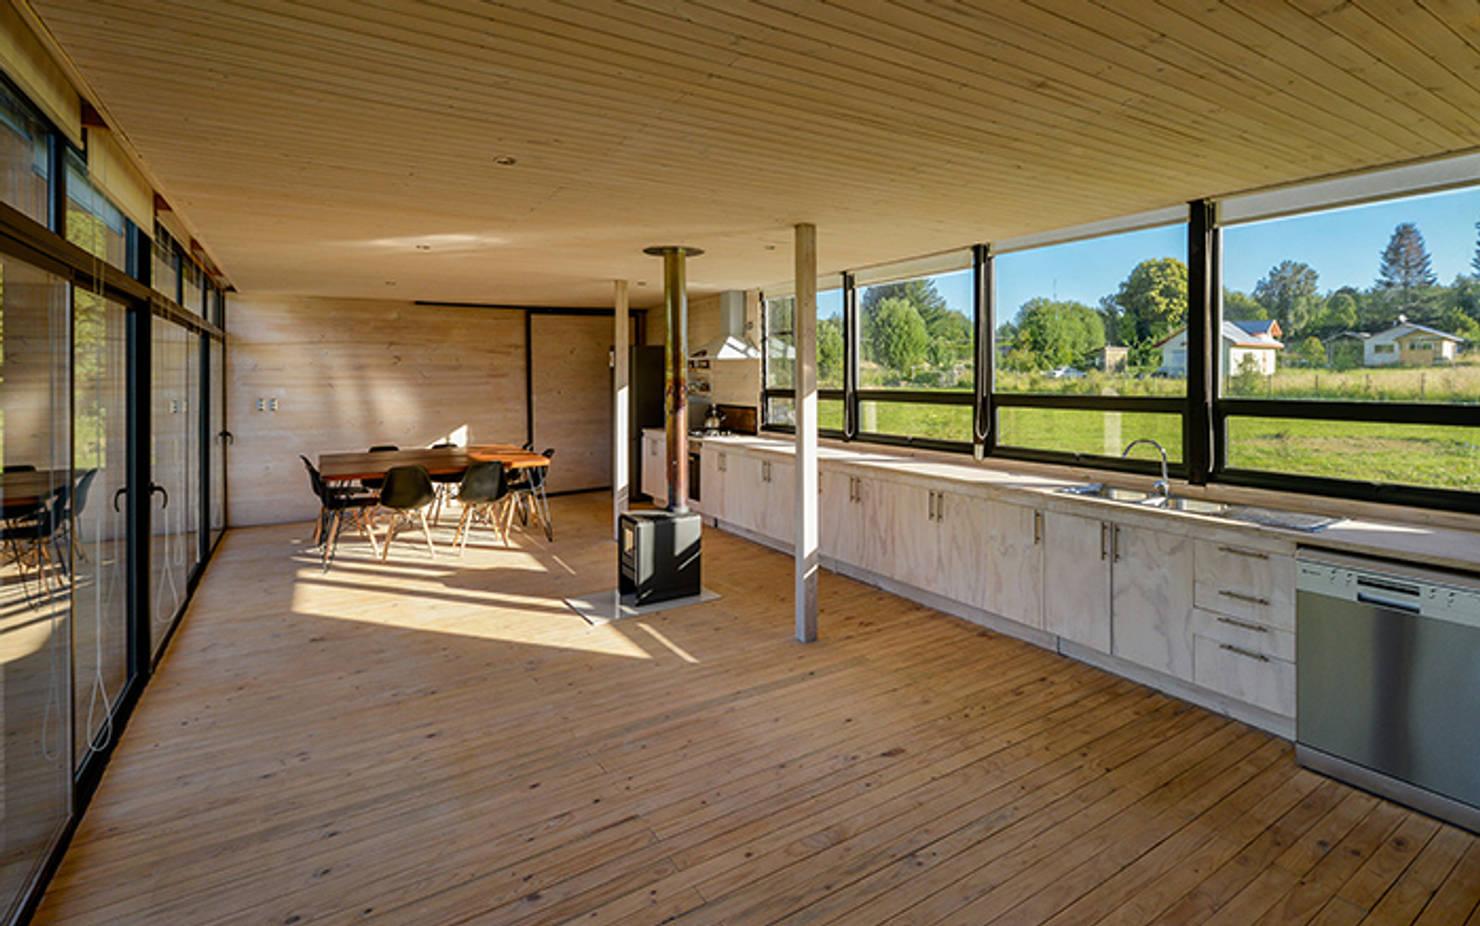 Cómo elegir las mejores ventanas y cortinas de cocina